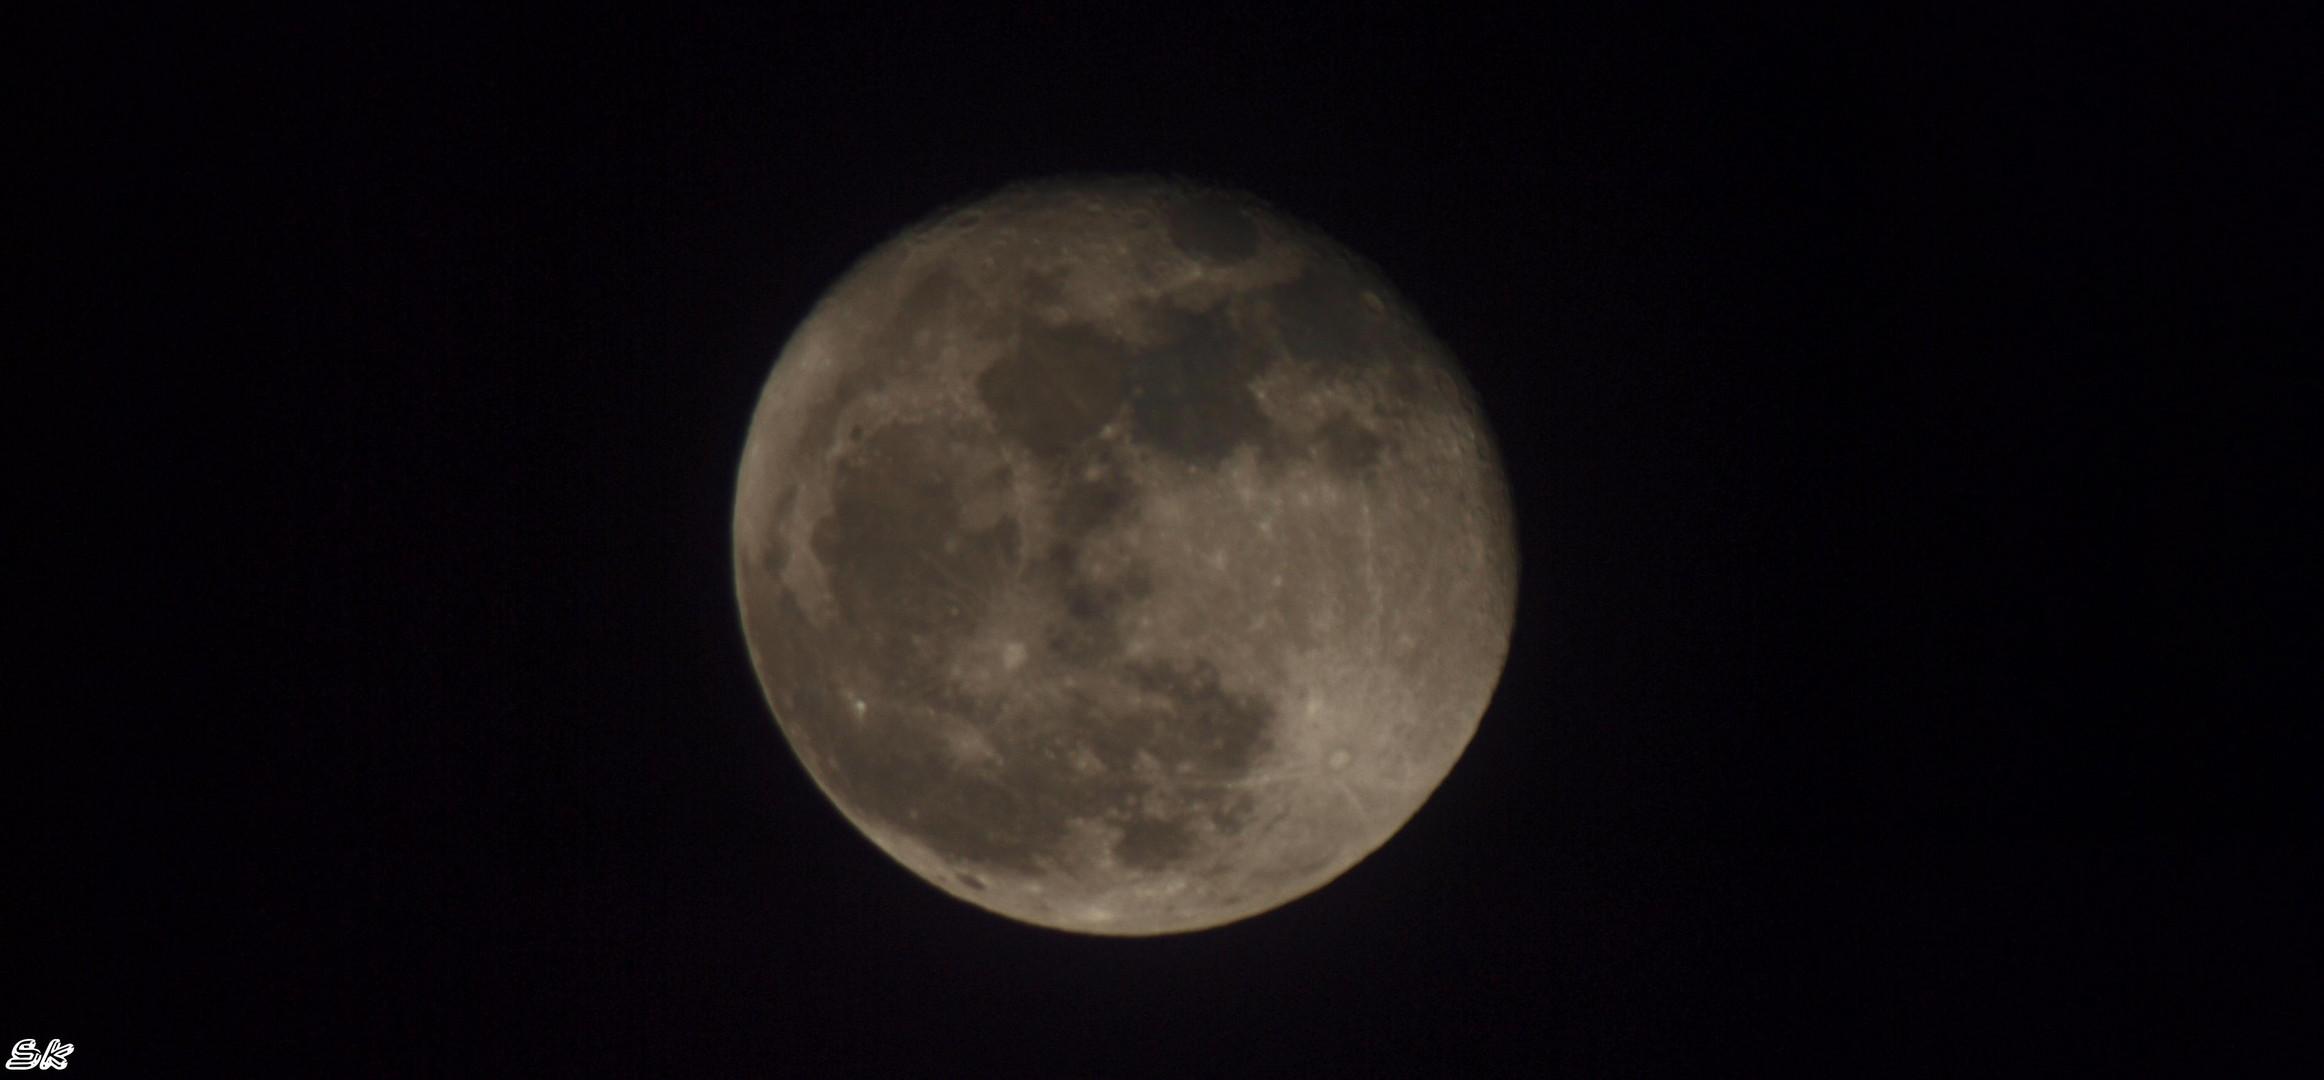 Voll der volle Mond.